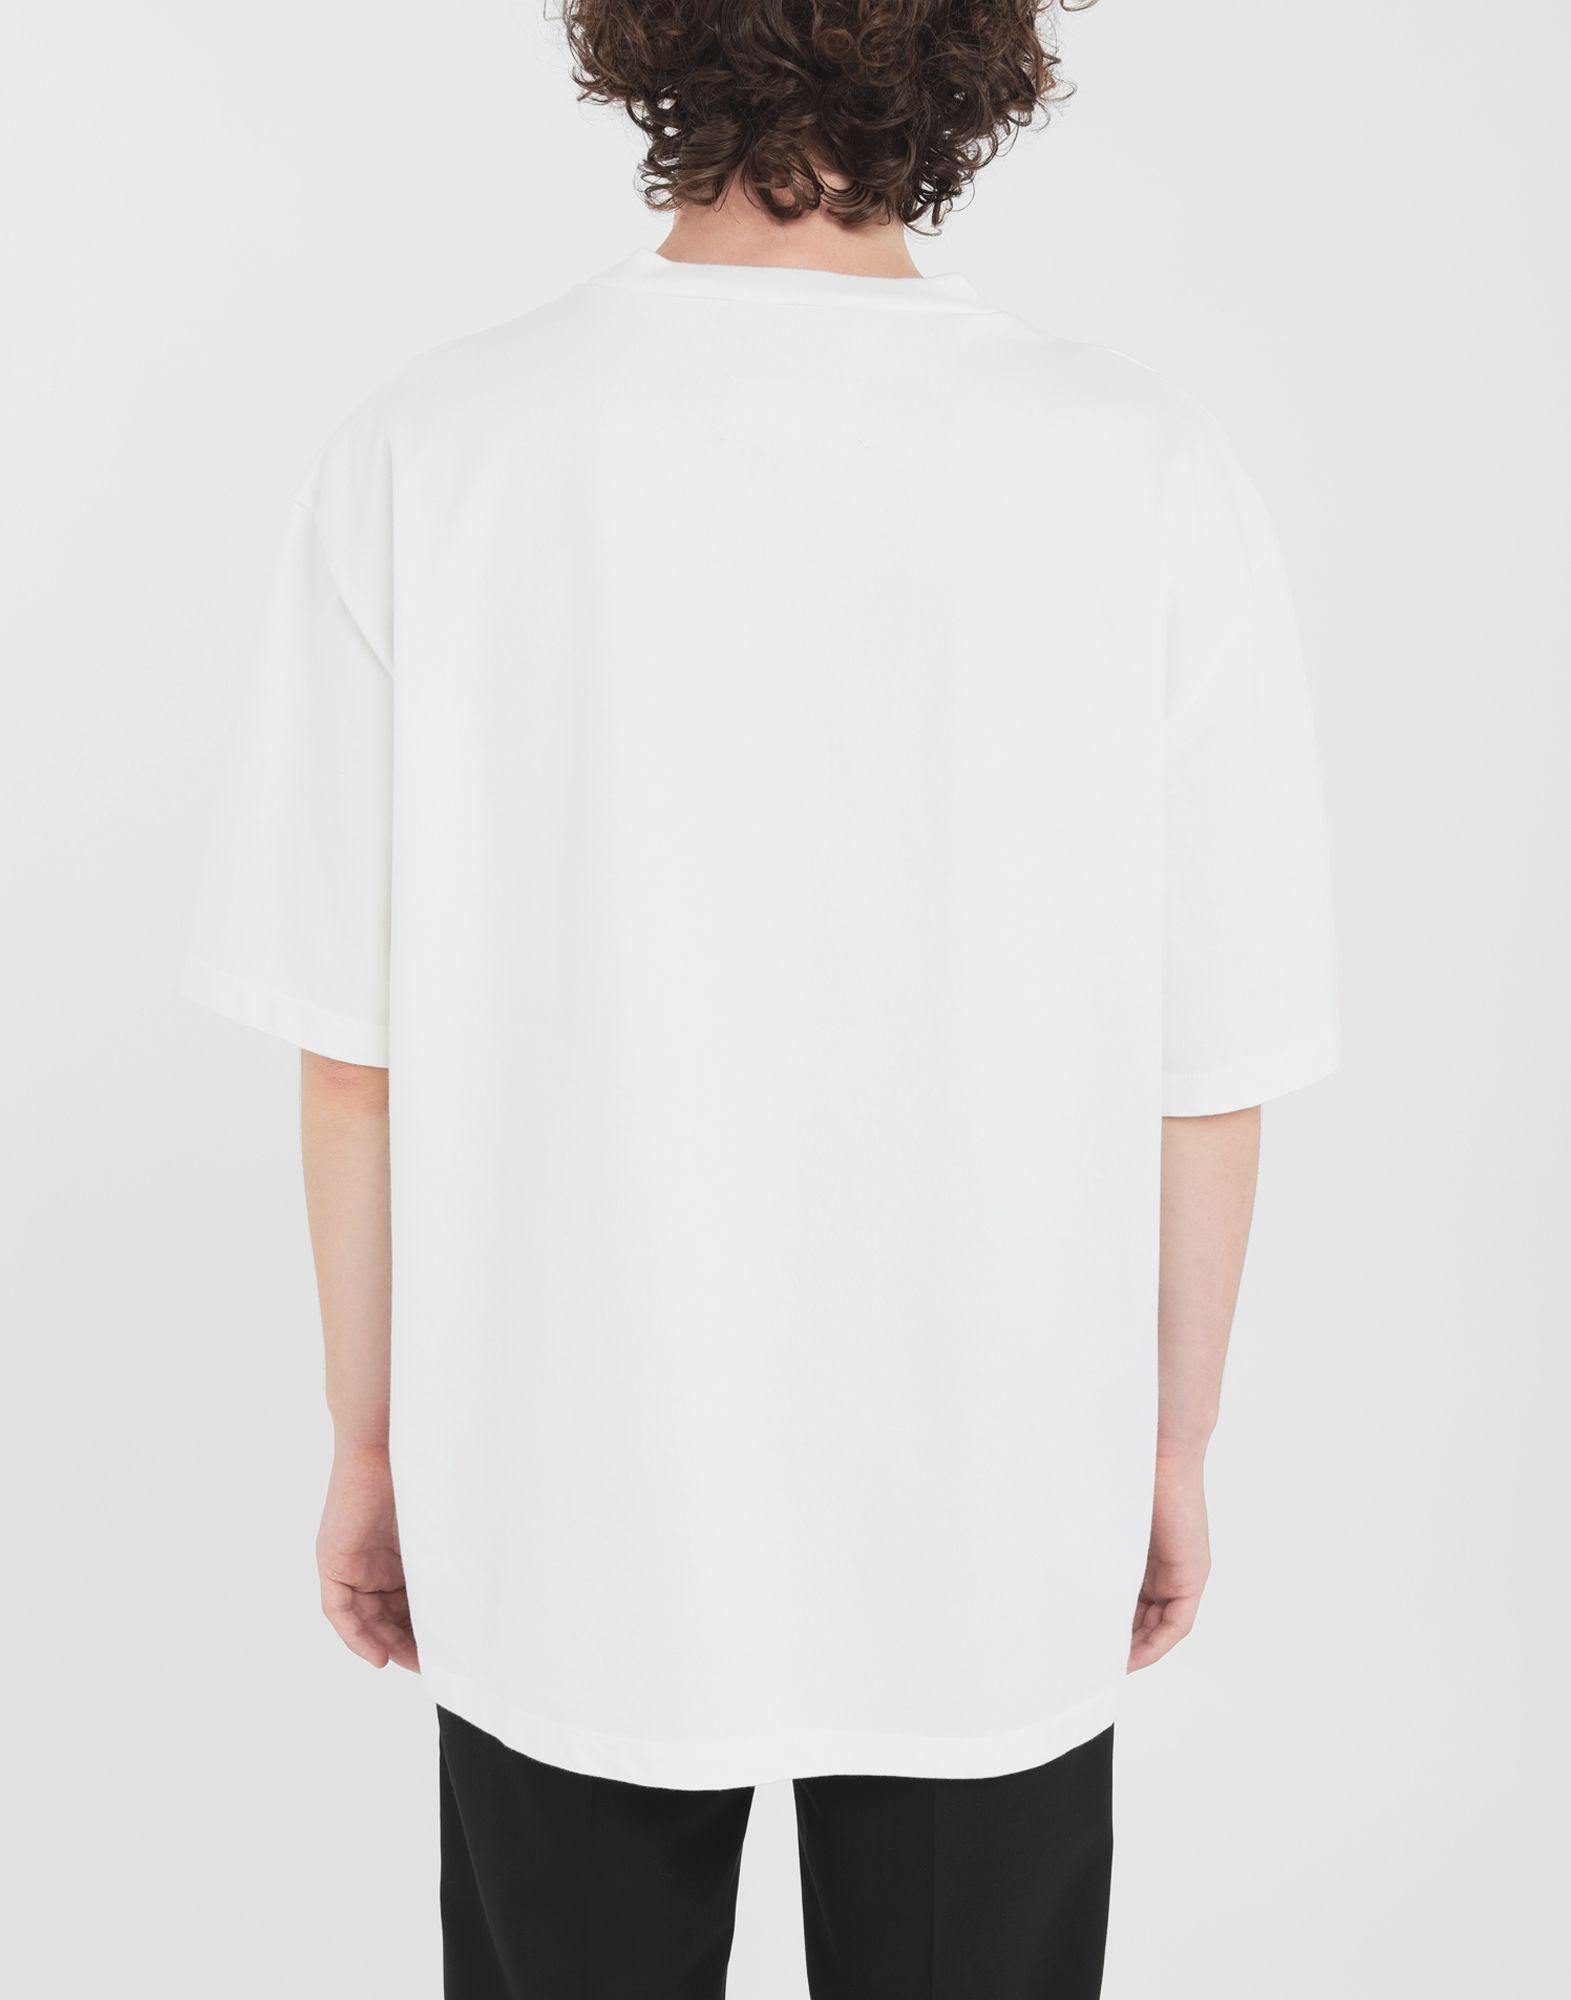 MAISON MARGIELA T-Shirt mit Logo Kurzärmliges T-Shirt Herren e